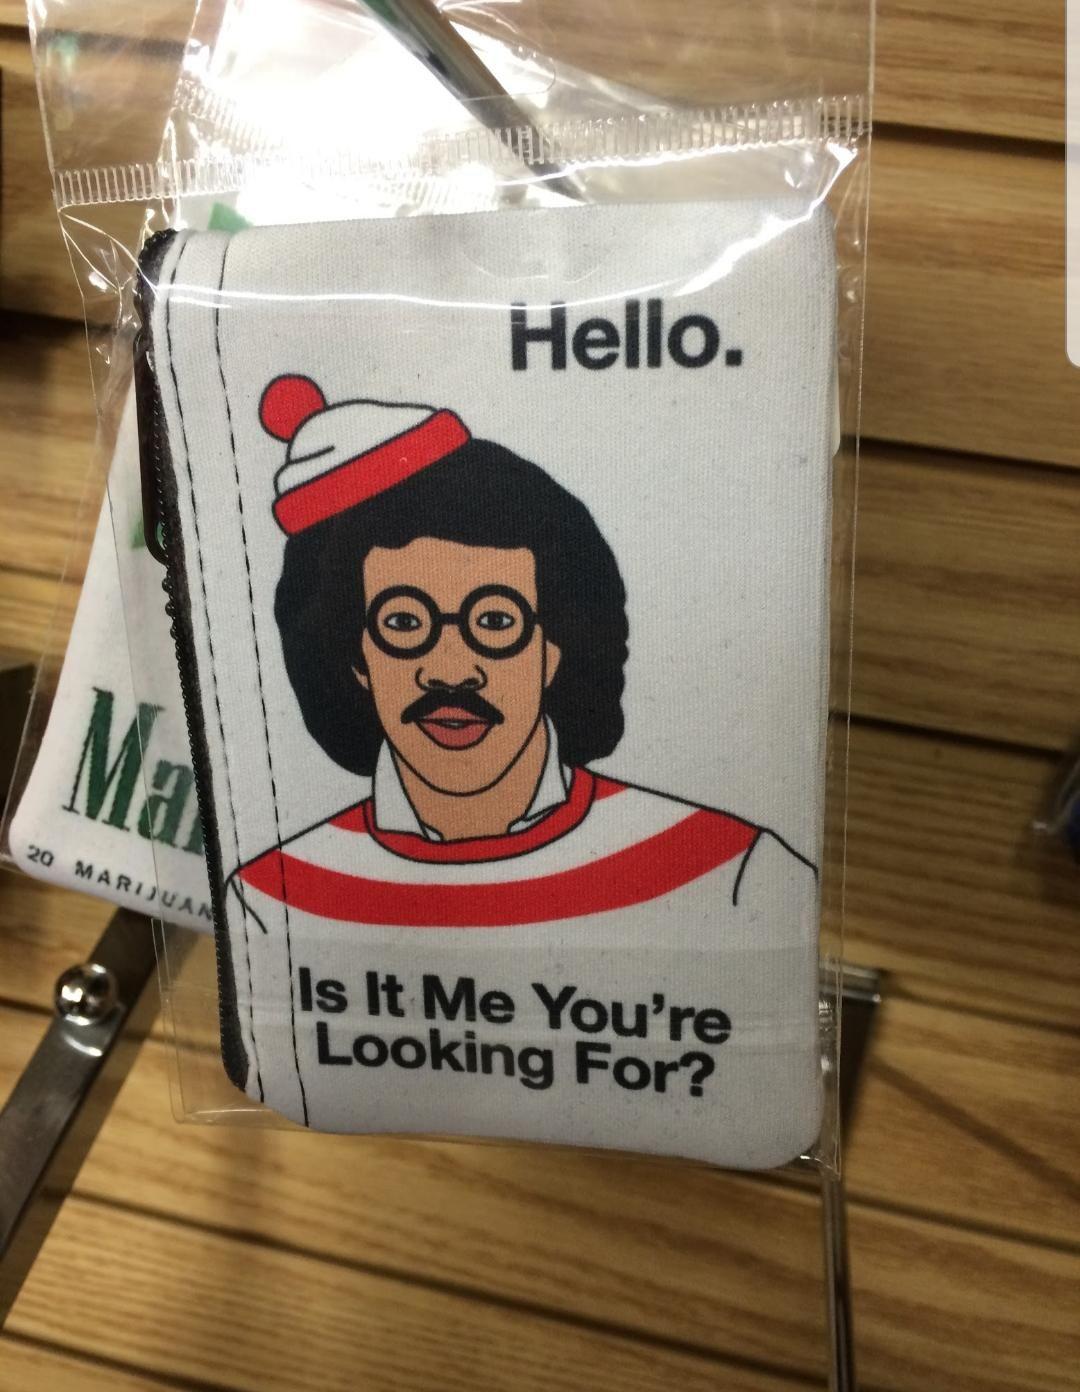 Where's Lionel?